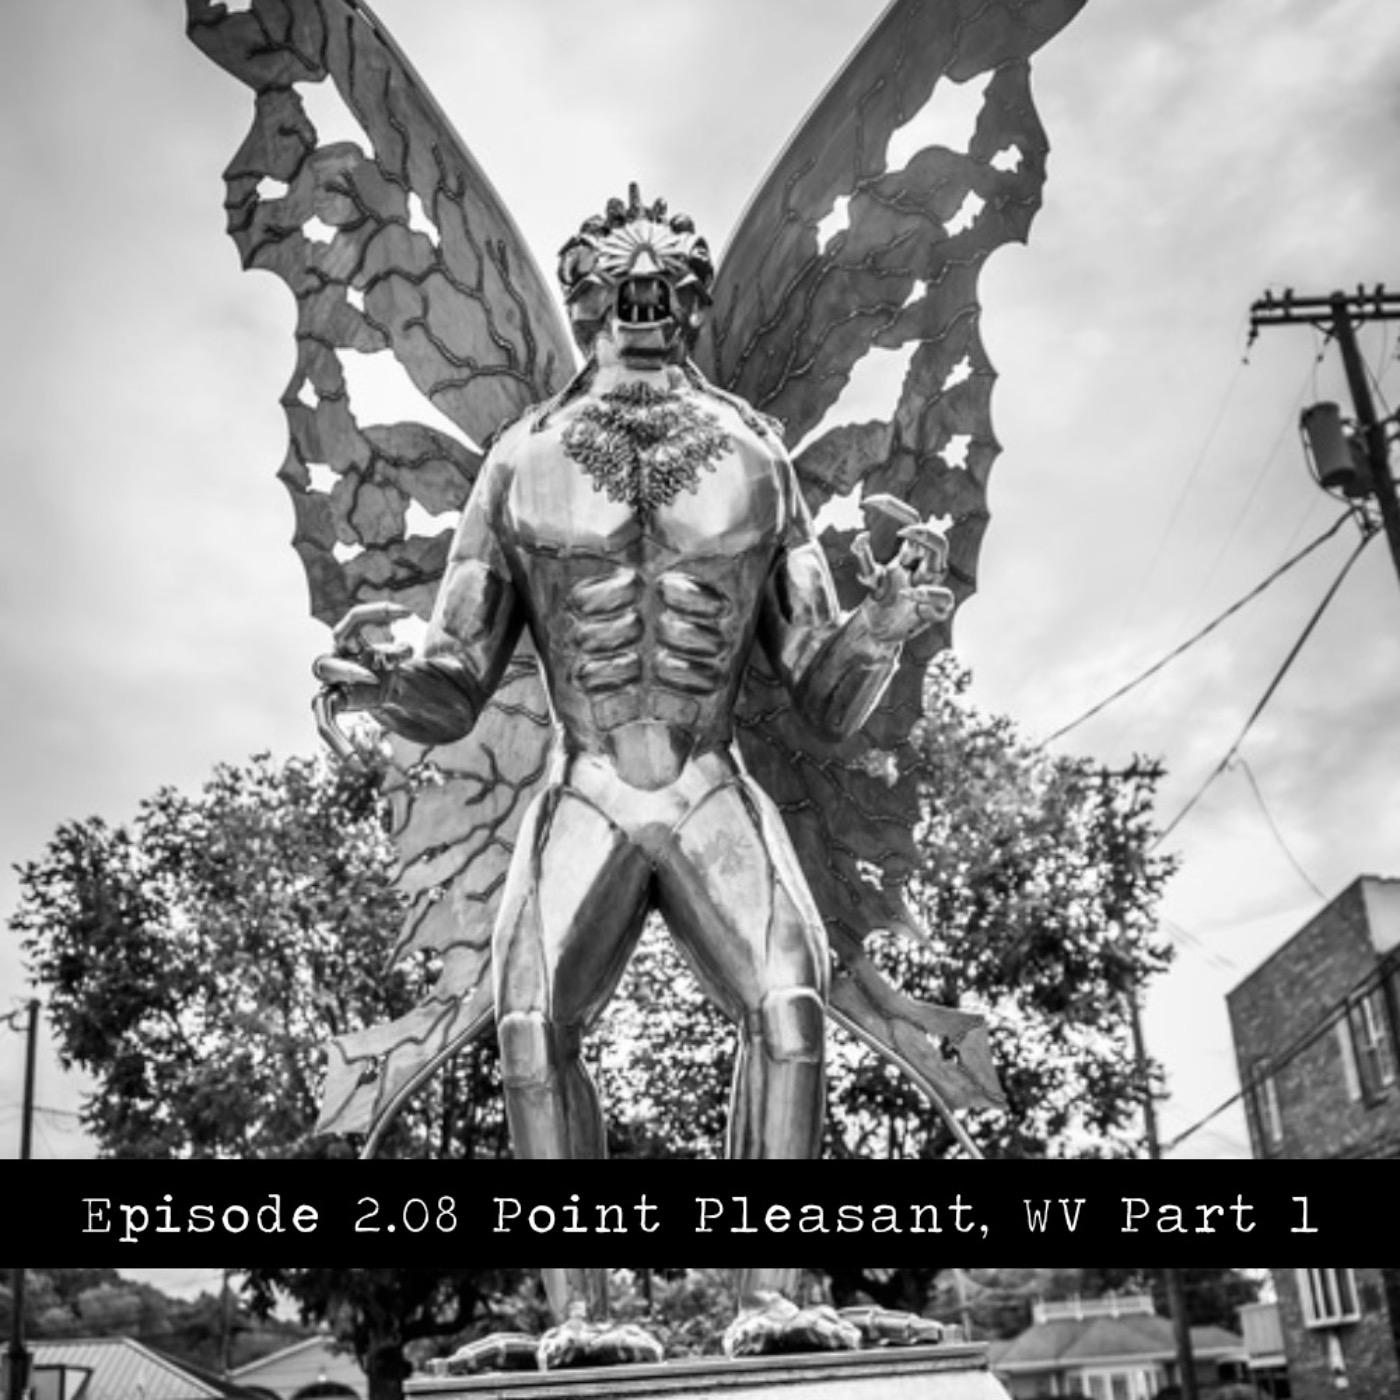 Point Pleasant, WV Part 1